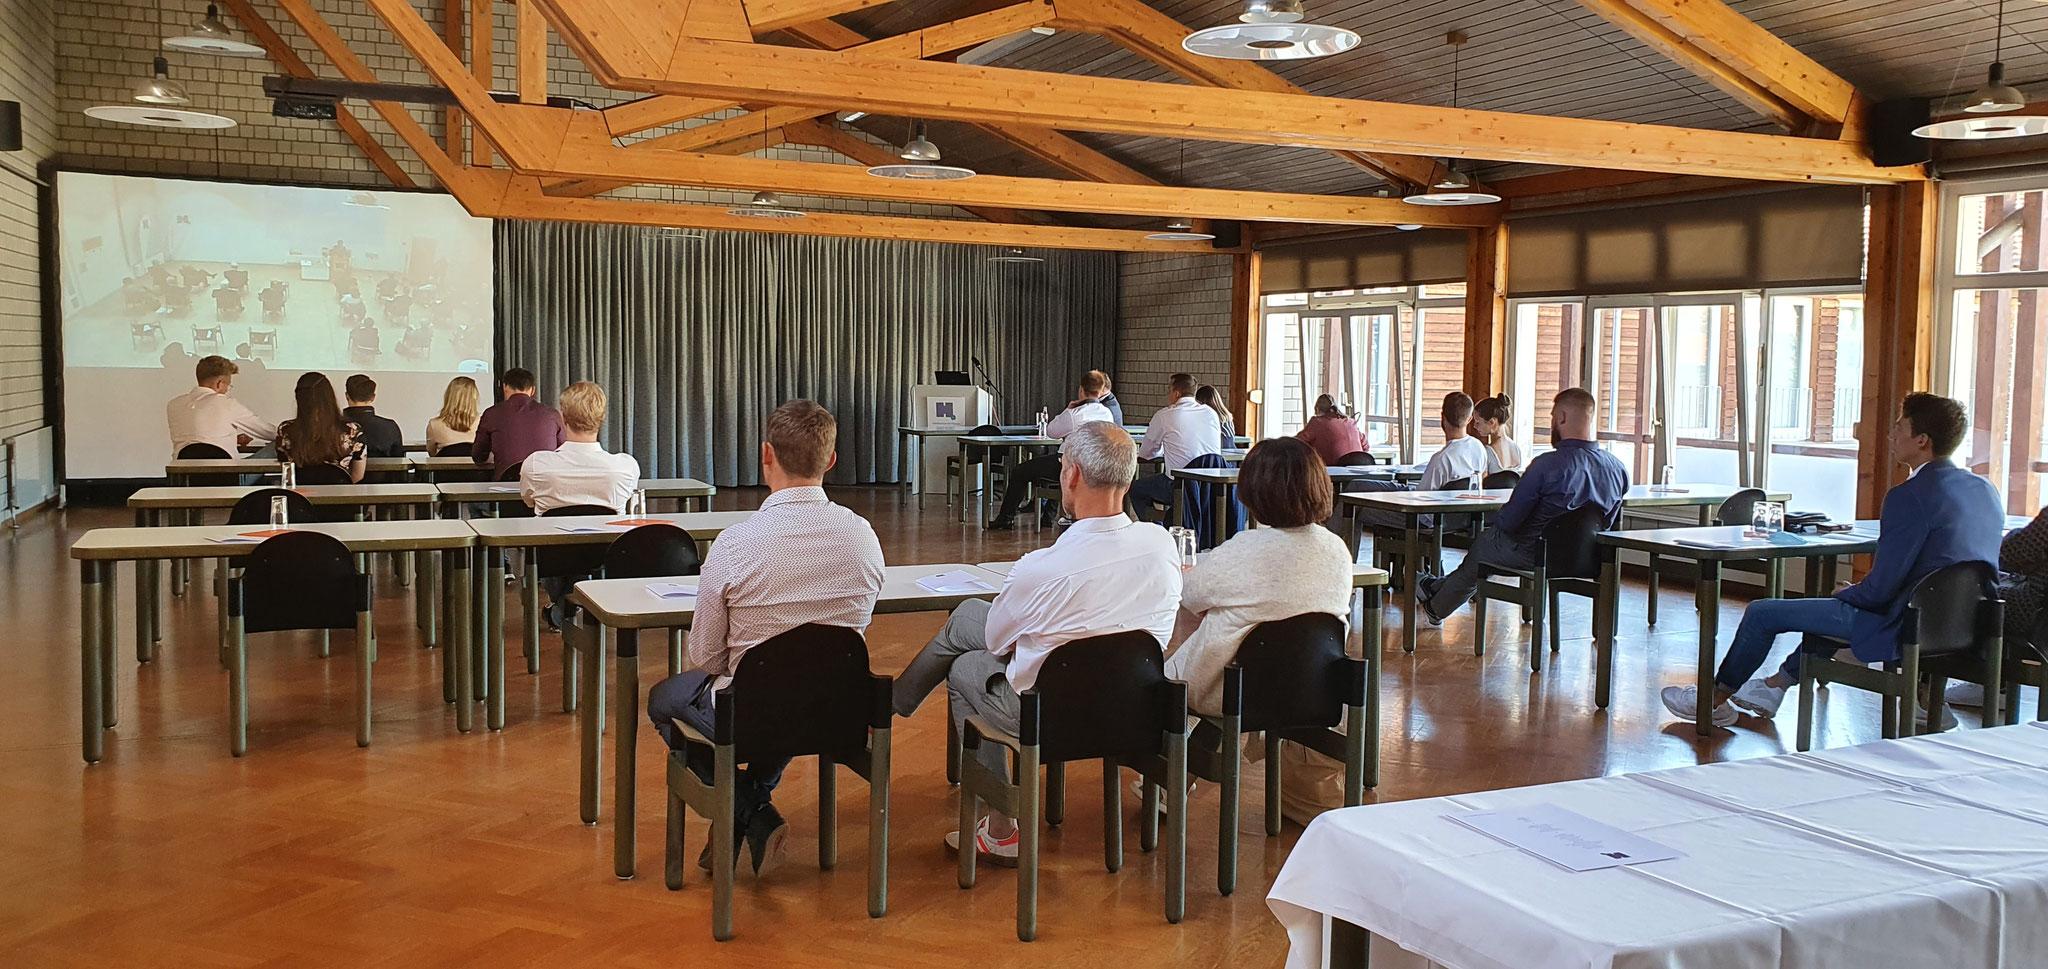 In der Aula der Holzfachschule schaute die Tischlermeister-Klasse zusammen mit ihren Angehörigen den Live-Stream der Meisterfreisprechung.